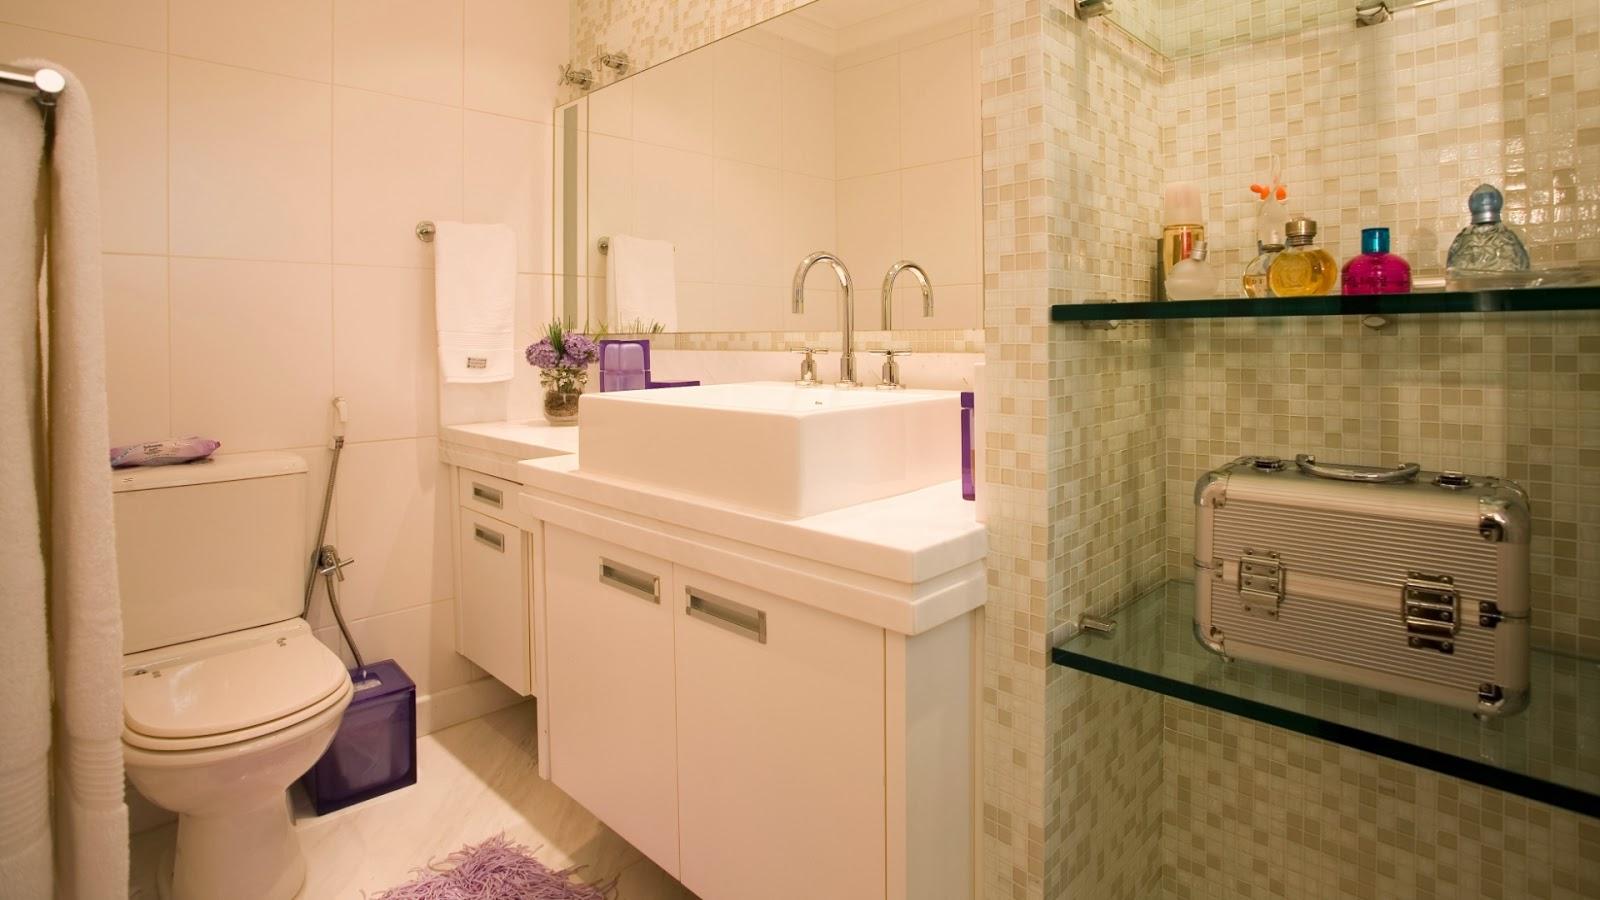 ser escolhidos de forma que combinem com a decoração do banheiro #B3163D 1600 900